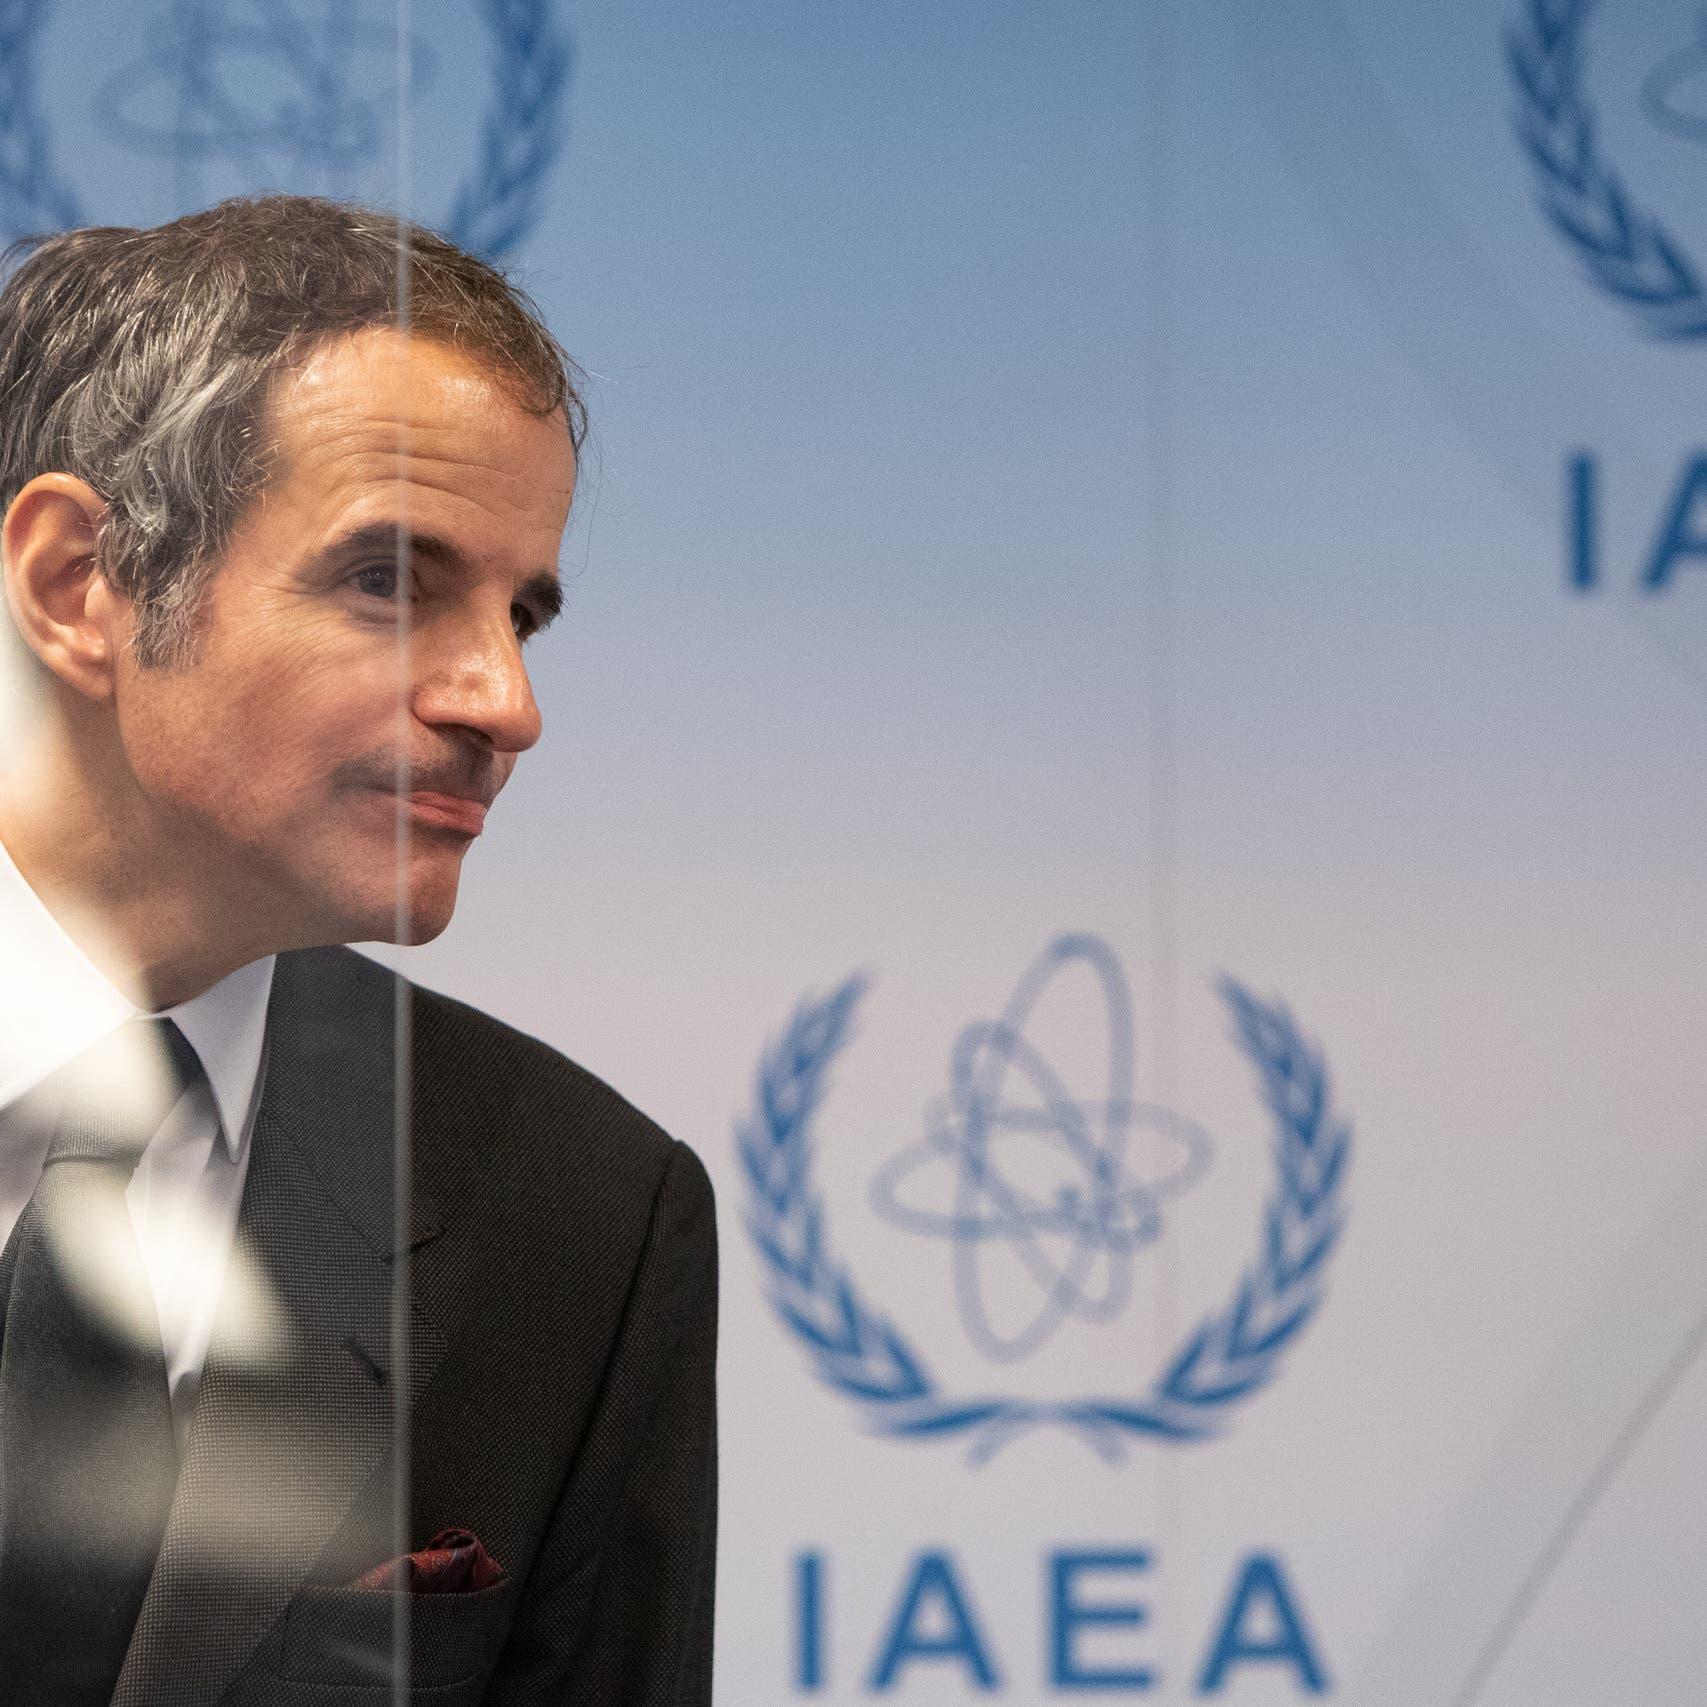 الوكالة الذرية: إيران تنتج المزيد من معدن اليورانيوم